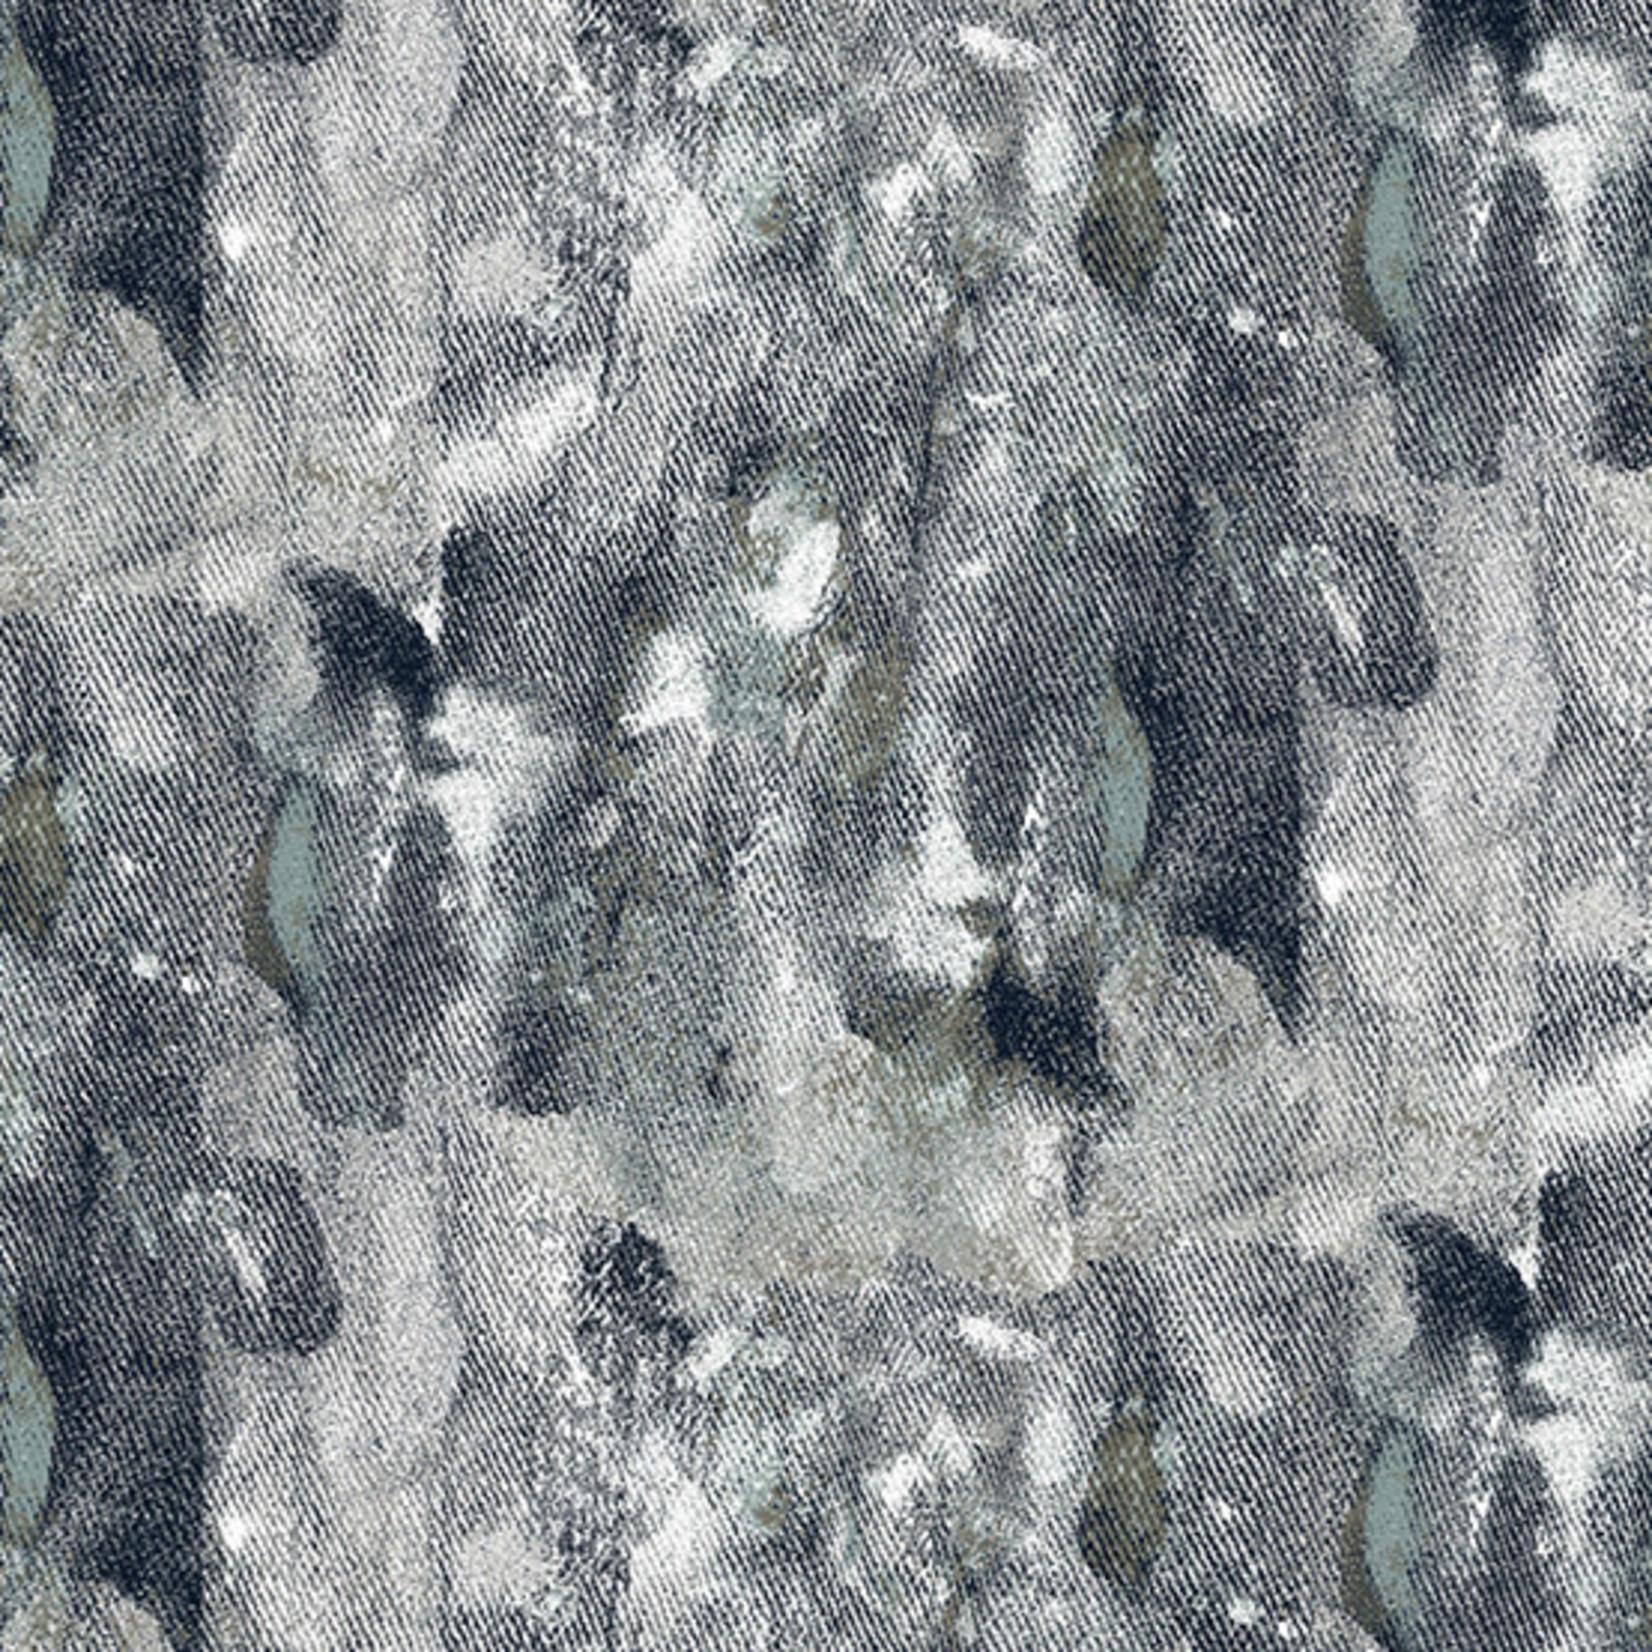 ANDOVER Prism, Drop Cloth - Smudge, per cm or $20/m